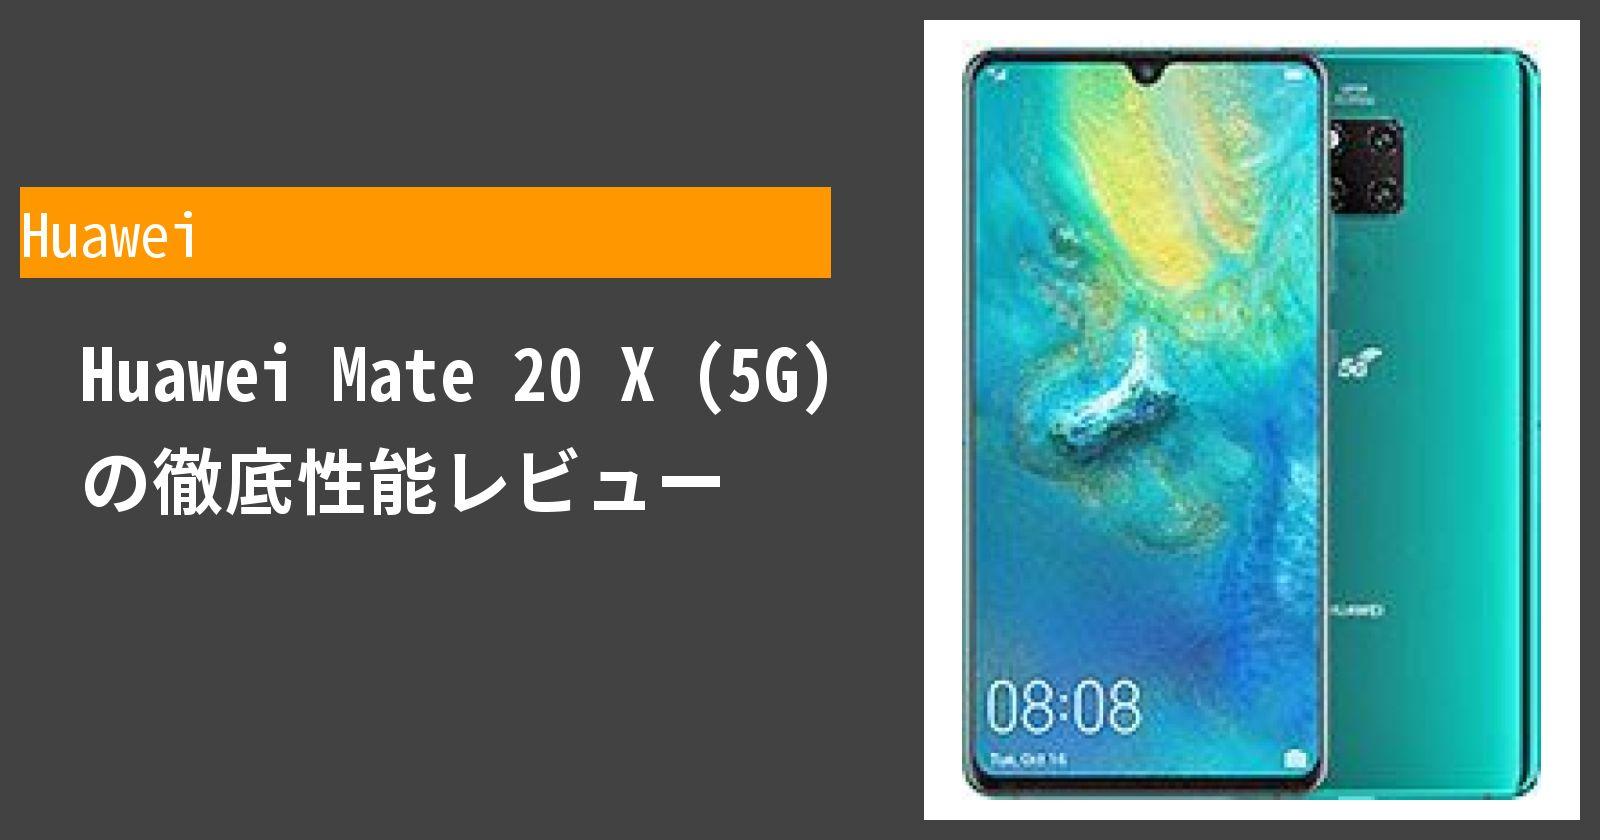 Huawei Mate 20 X (5G) の徹底性能レビュー